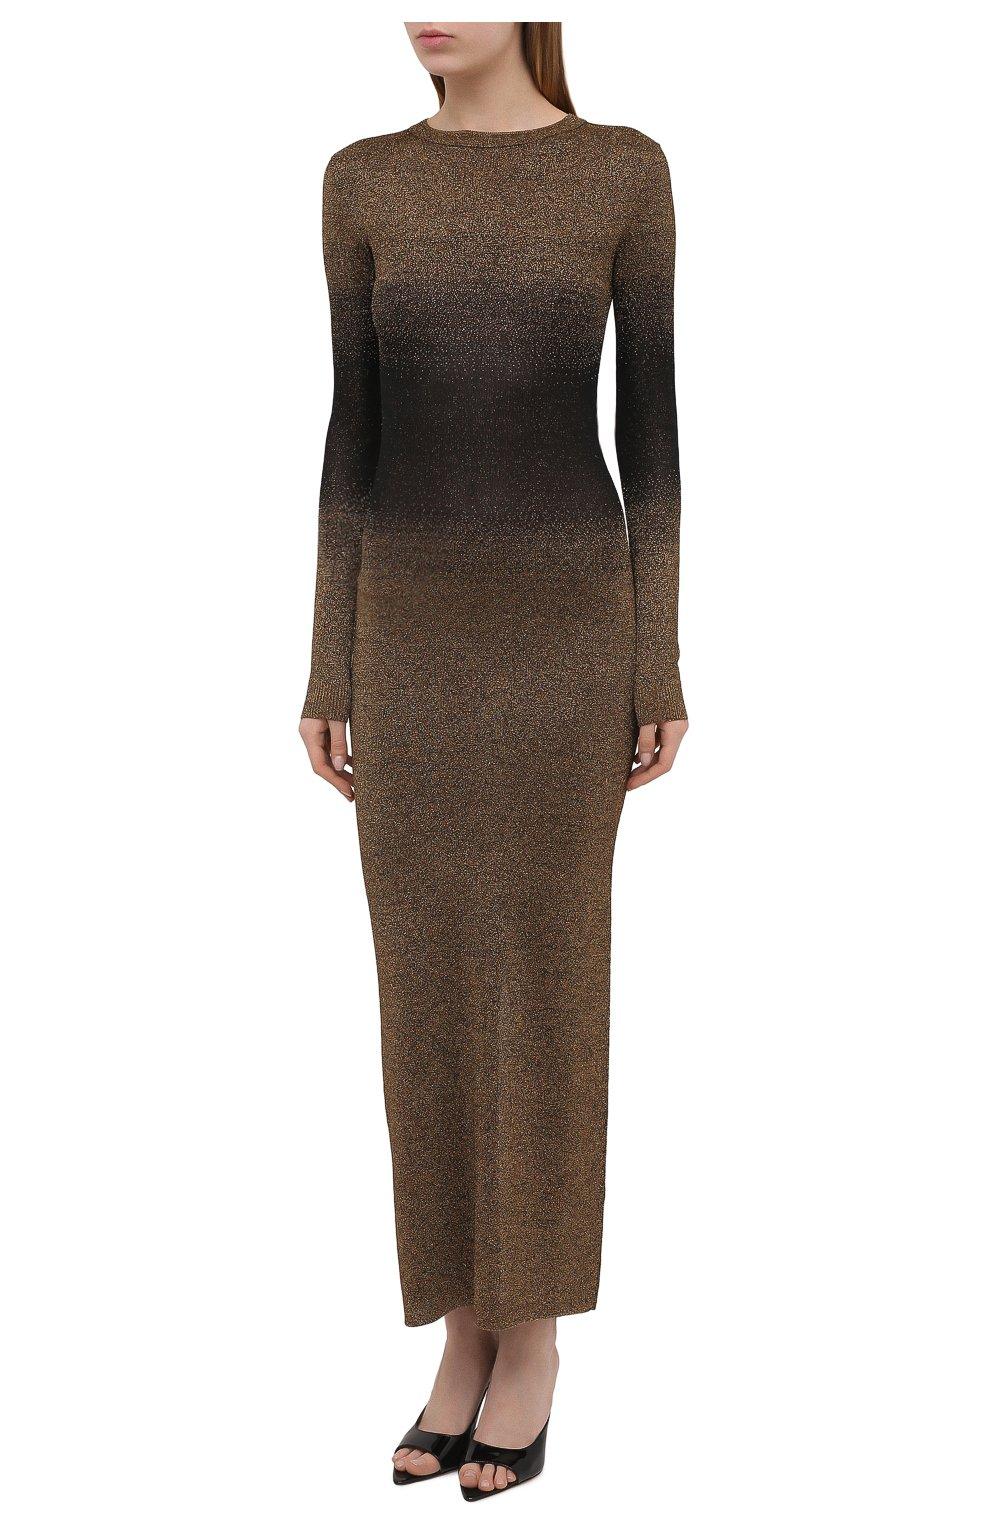 Женское платье PACO RABANNE бронзового цвета, арт. 21PMR0317ML0065 | Фото 3 (Рукава: Длинные; Стили: Гламурный; Случай: Вечерний; Материал внешний: Синтетический материал, Вискоза; Кросс-КТ: Трикотаж; Длина Ж (юбки, платья, шорты): Макси; Женское Кросс-КТ: Платье-одежда)